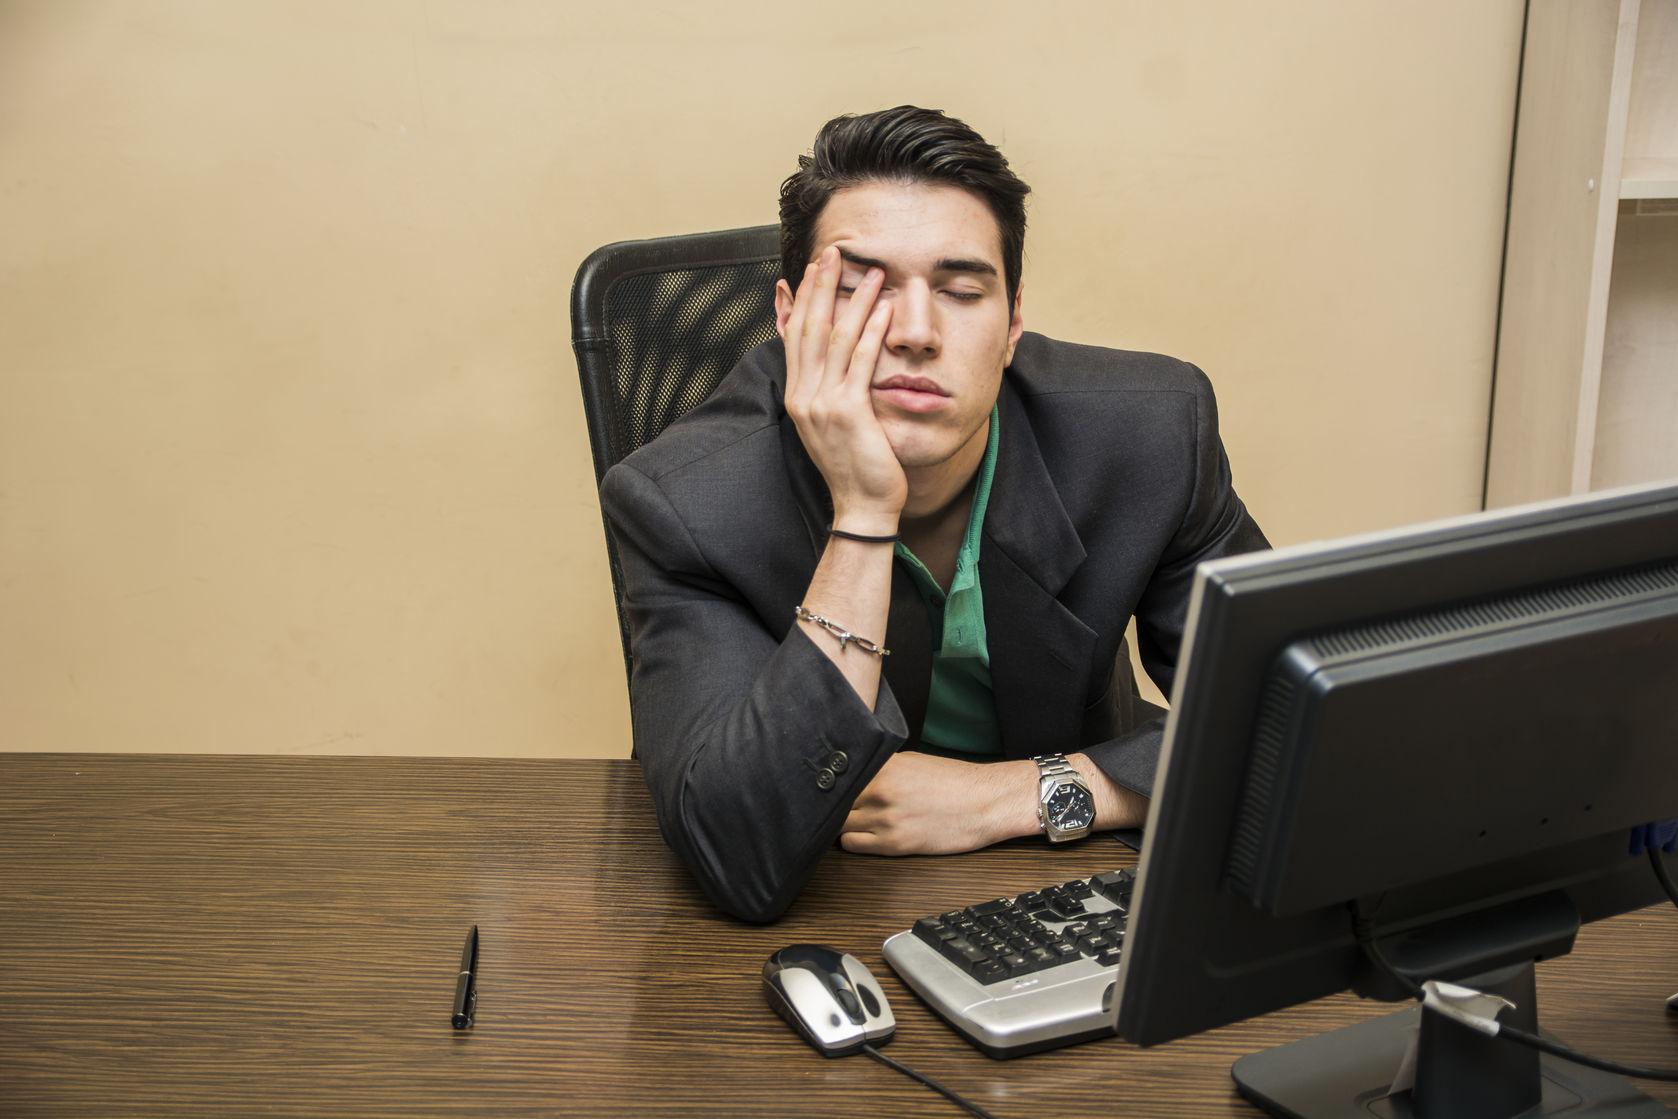 ¿Por qué nos da sueño después de comer?